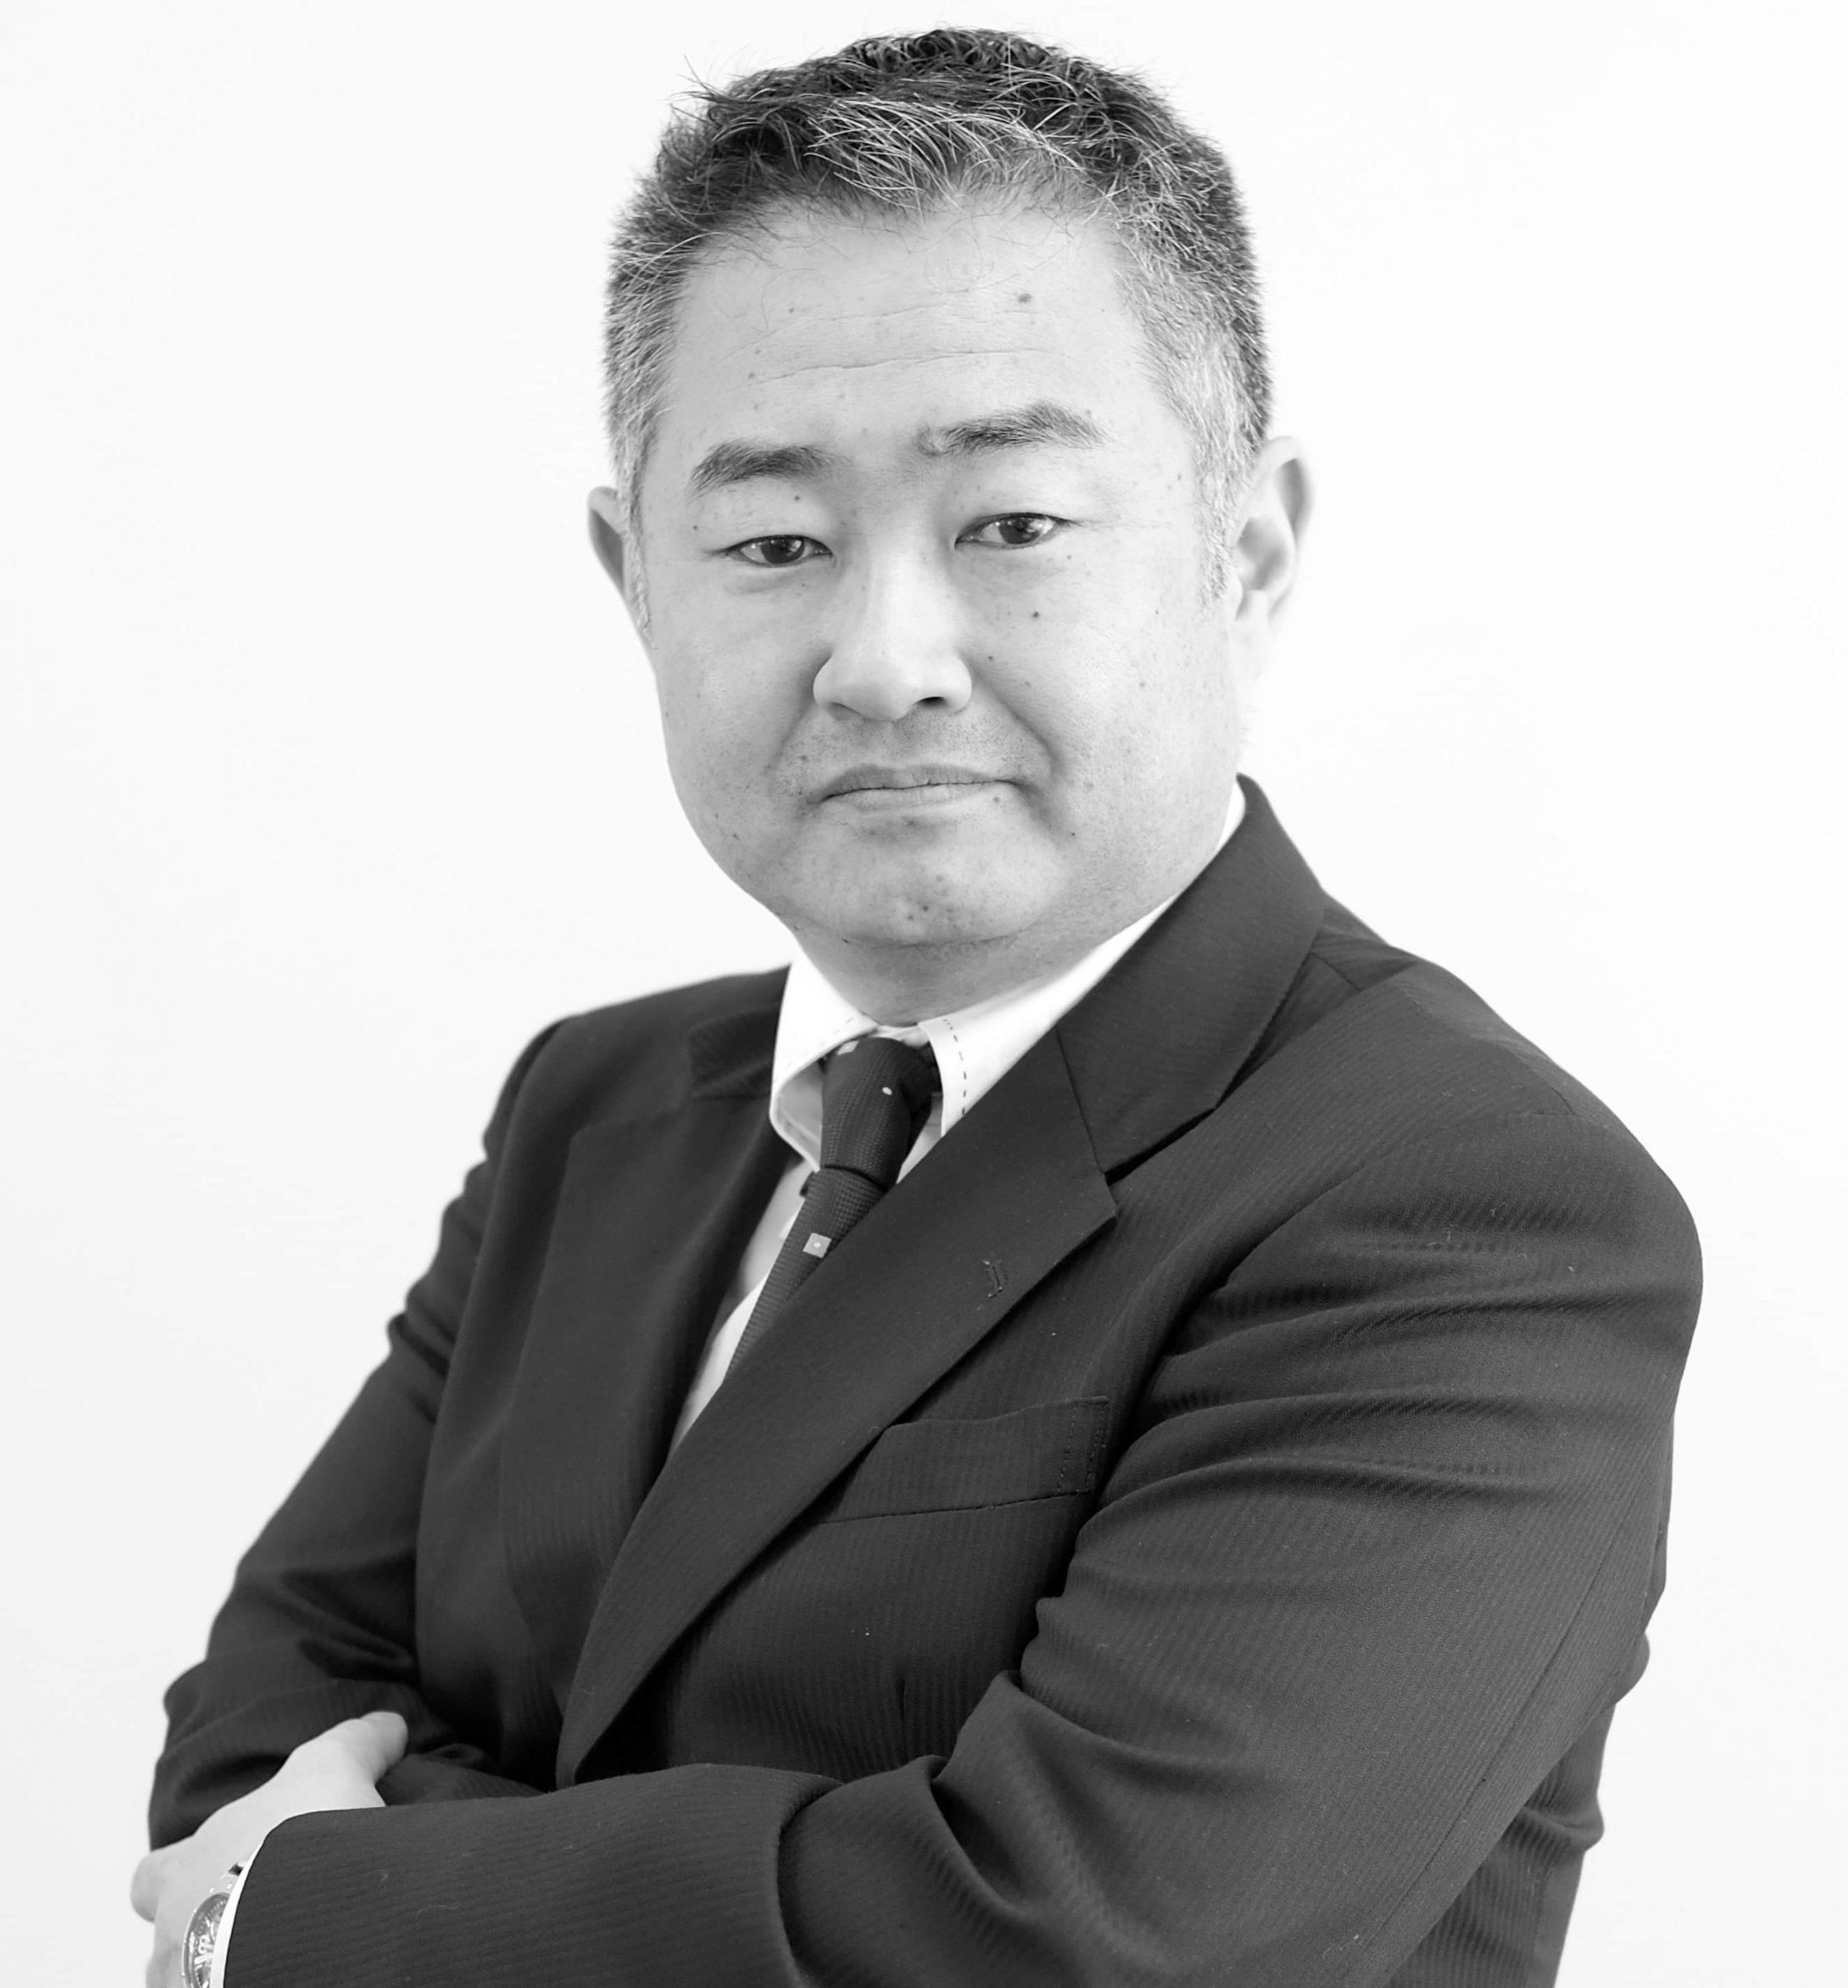 演習1特任研究員:佐藤 浩